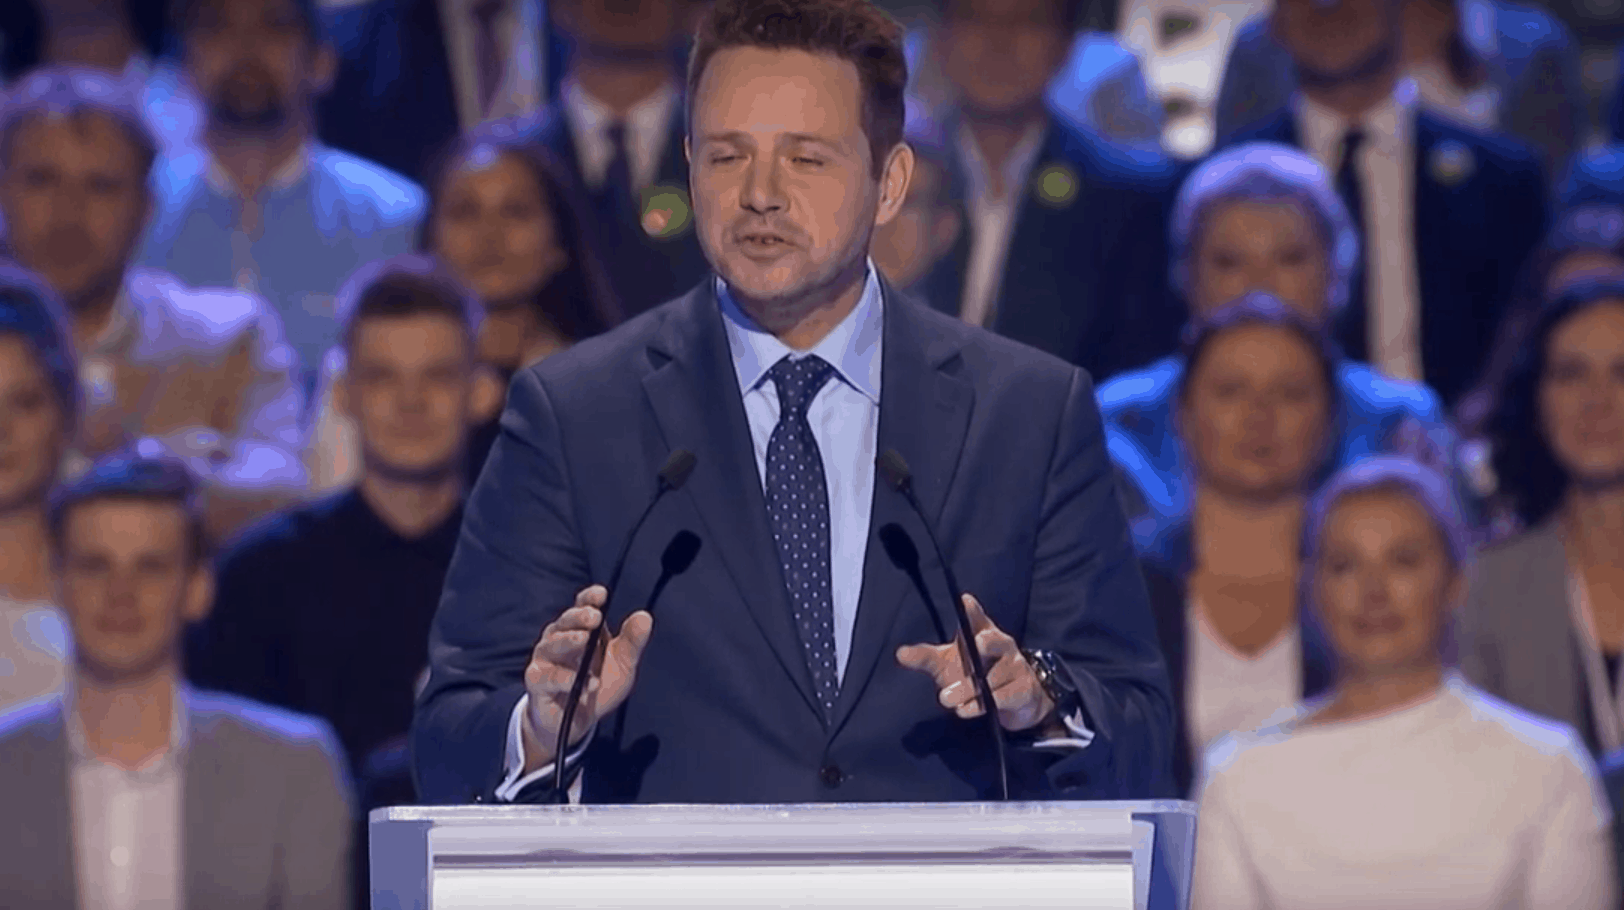 Opozycja stara się przekonać jak najwięcej wyborców do swoich postulatów. To też próbowali uczynić na ulicach stolicy Michał Szczerba i Rafał Trzaskowski.